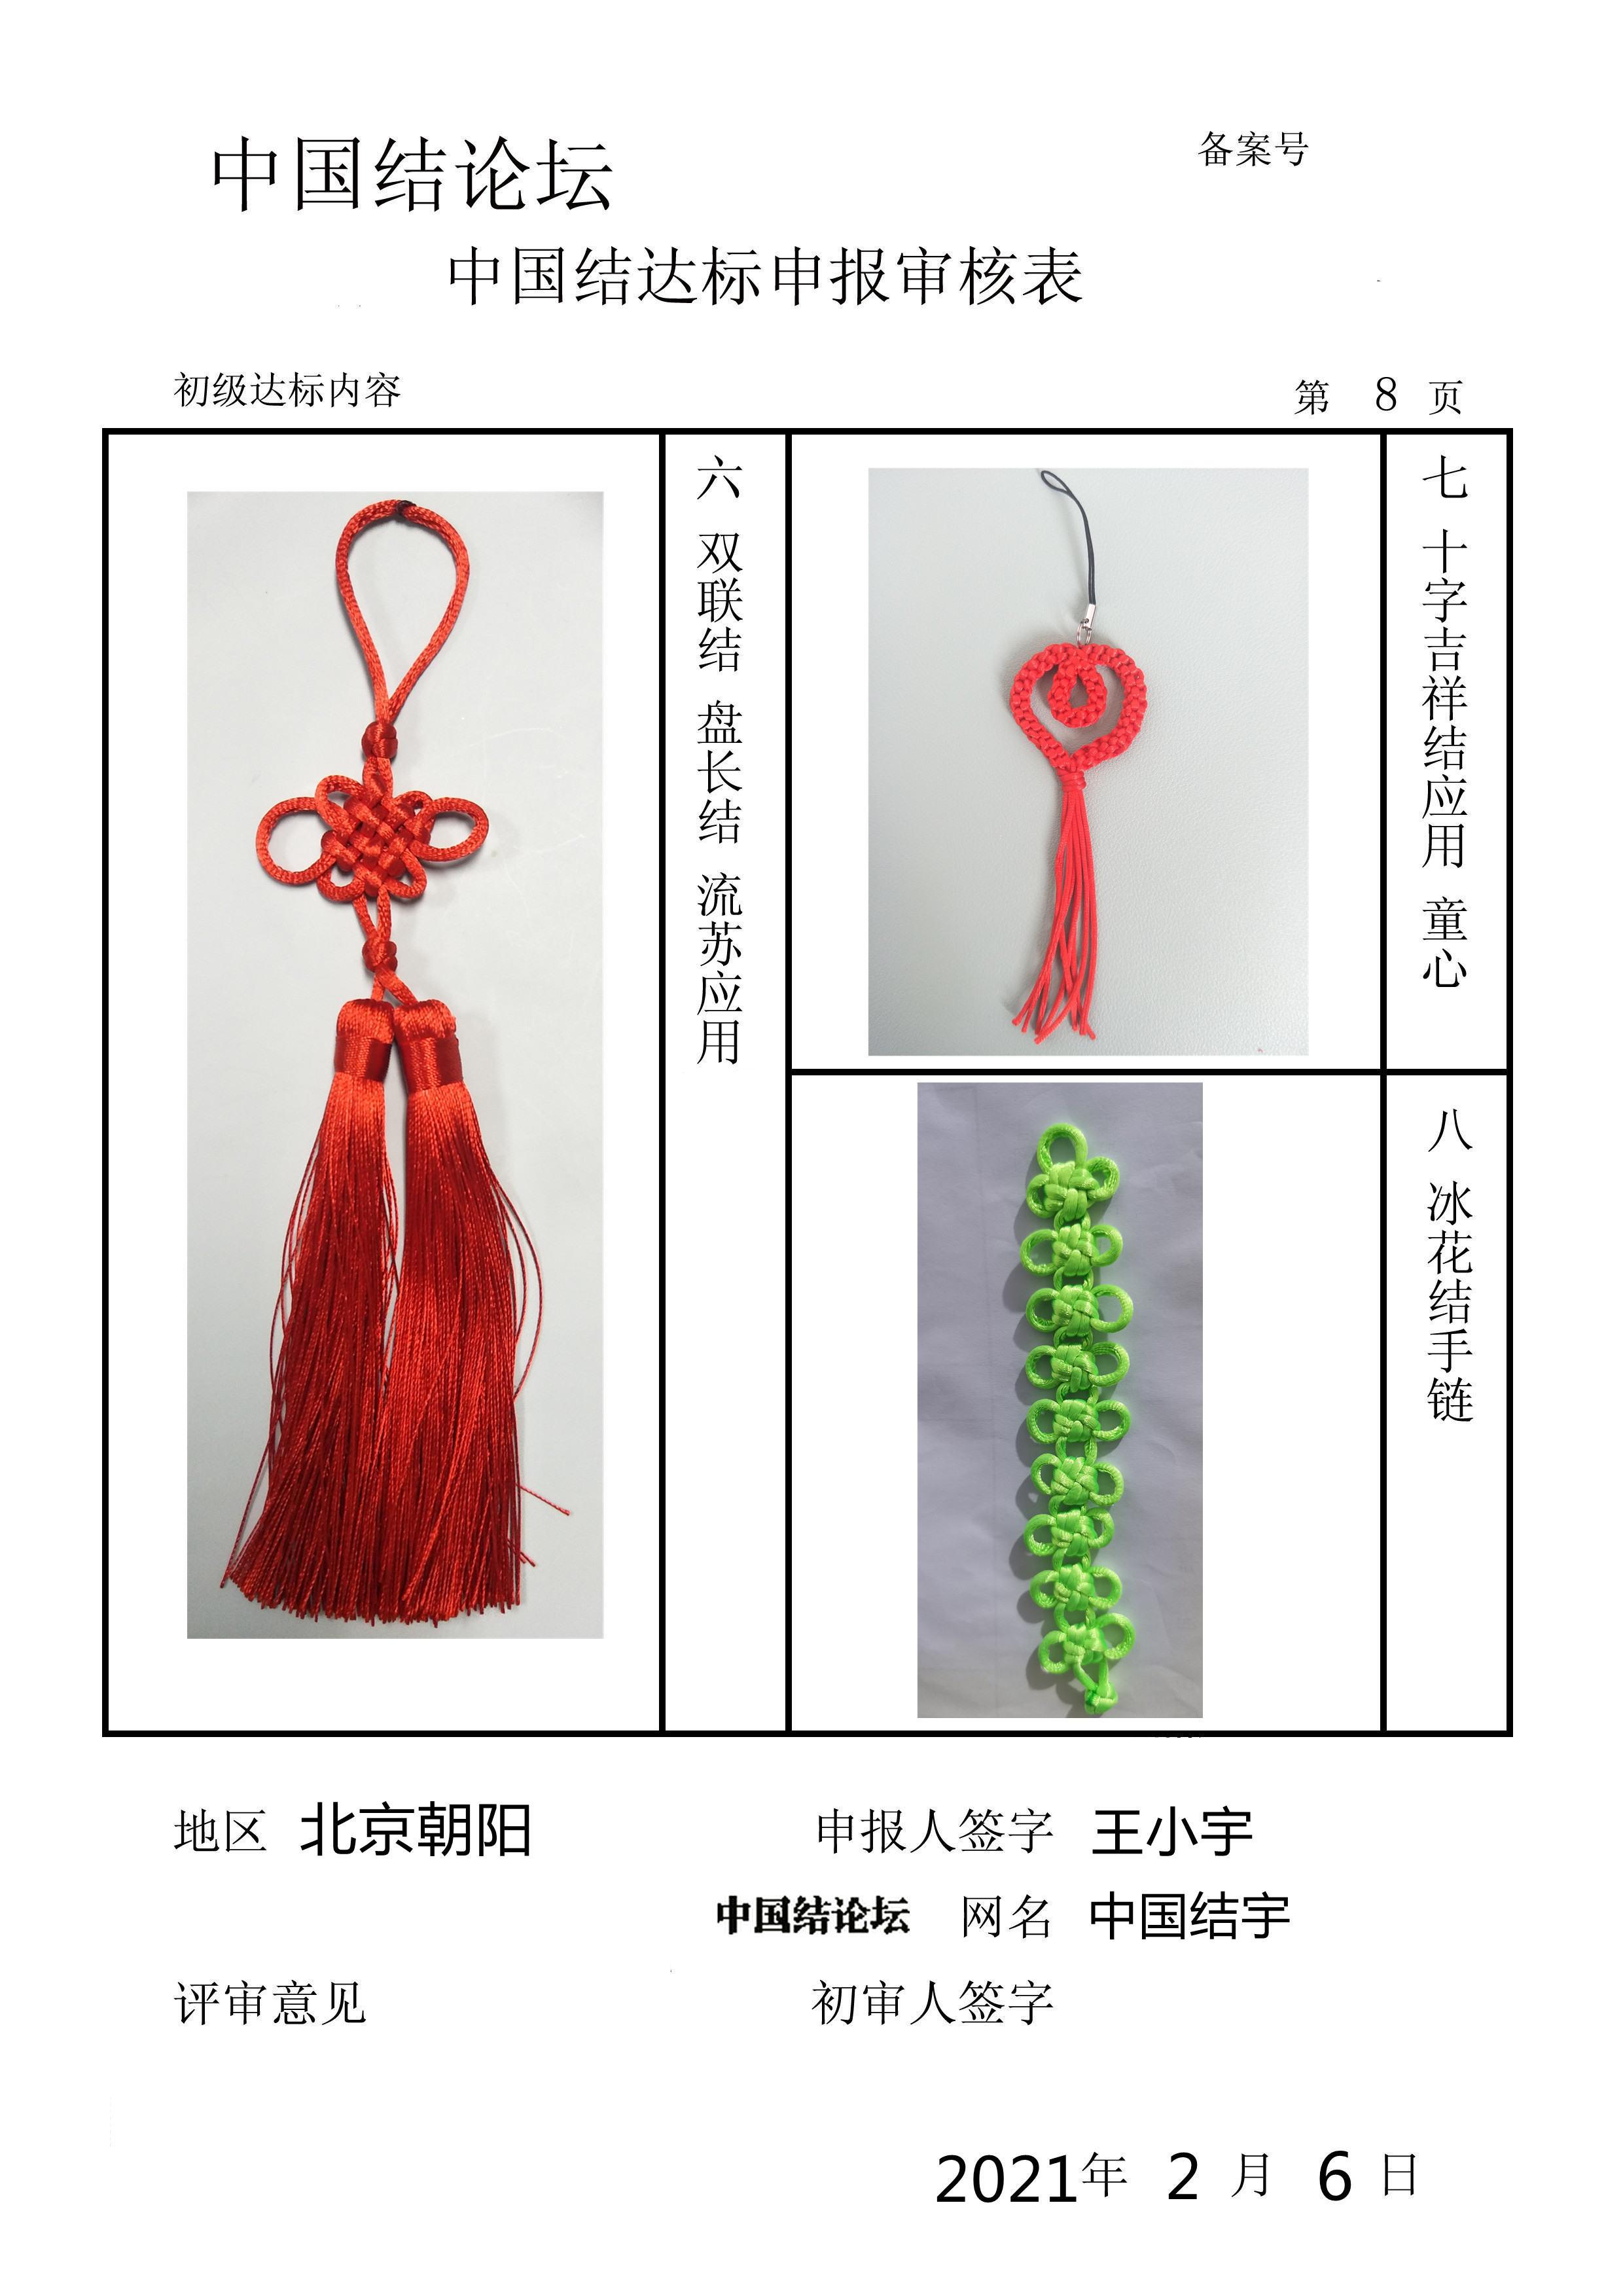 中国结论坛 初级提交审核  中国绳结艺术分级达标审核 161145jlffydyycyf02yy1